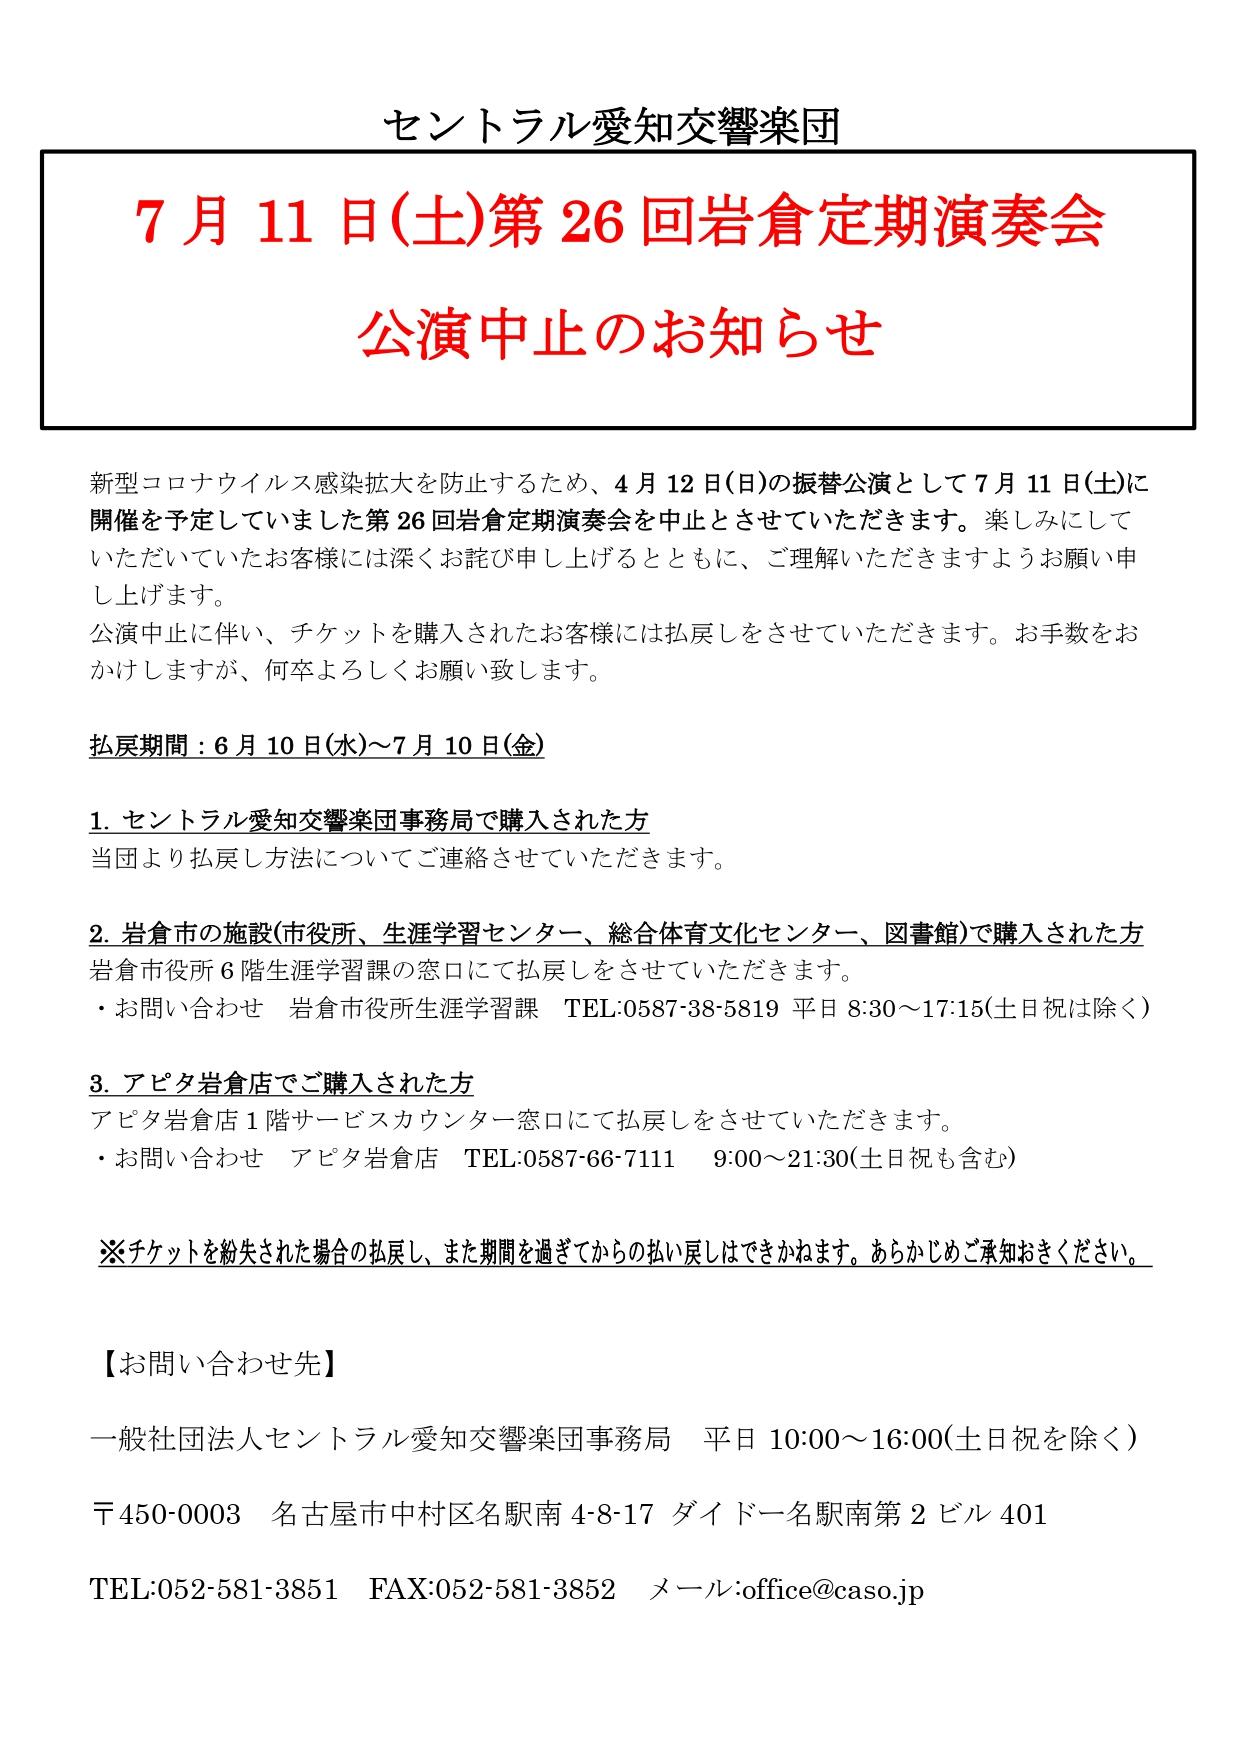 【公演中止】第26回岩倉定期演奏会